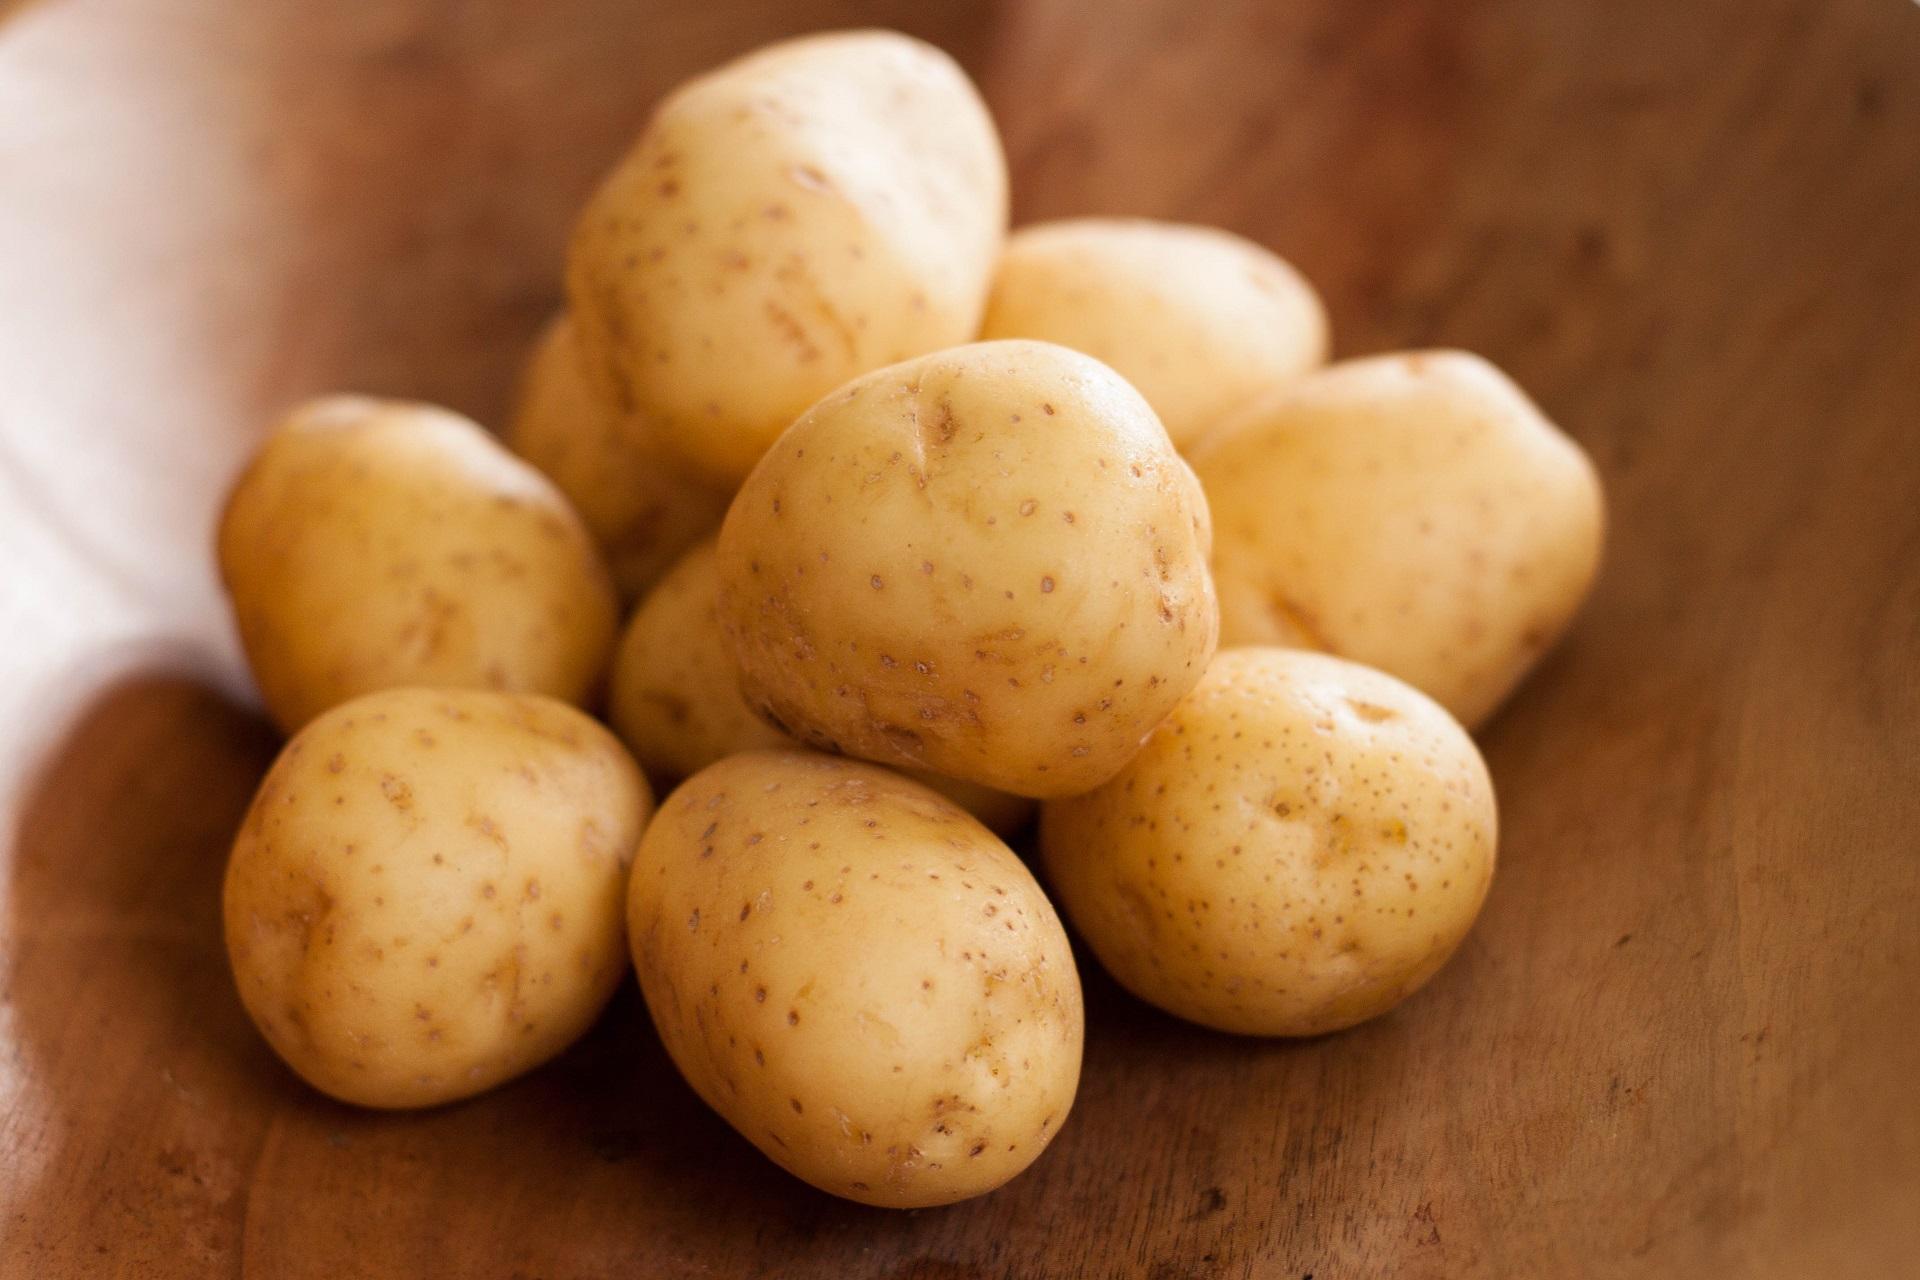 Польза картофеля. Чем полезен картофель картинки